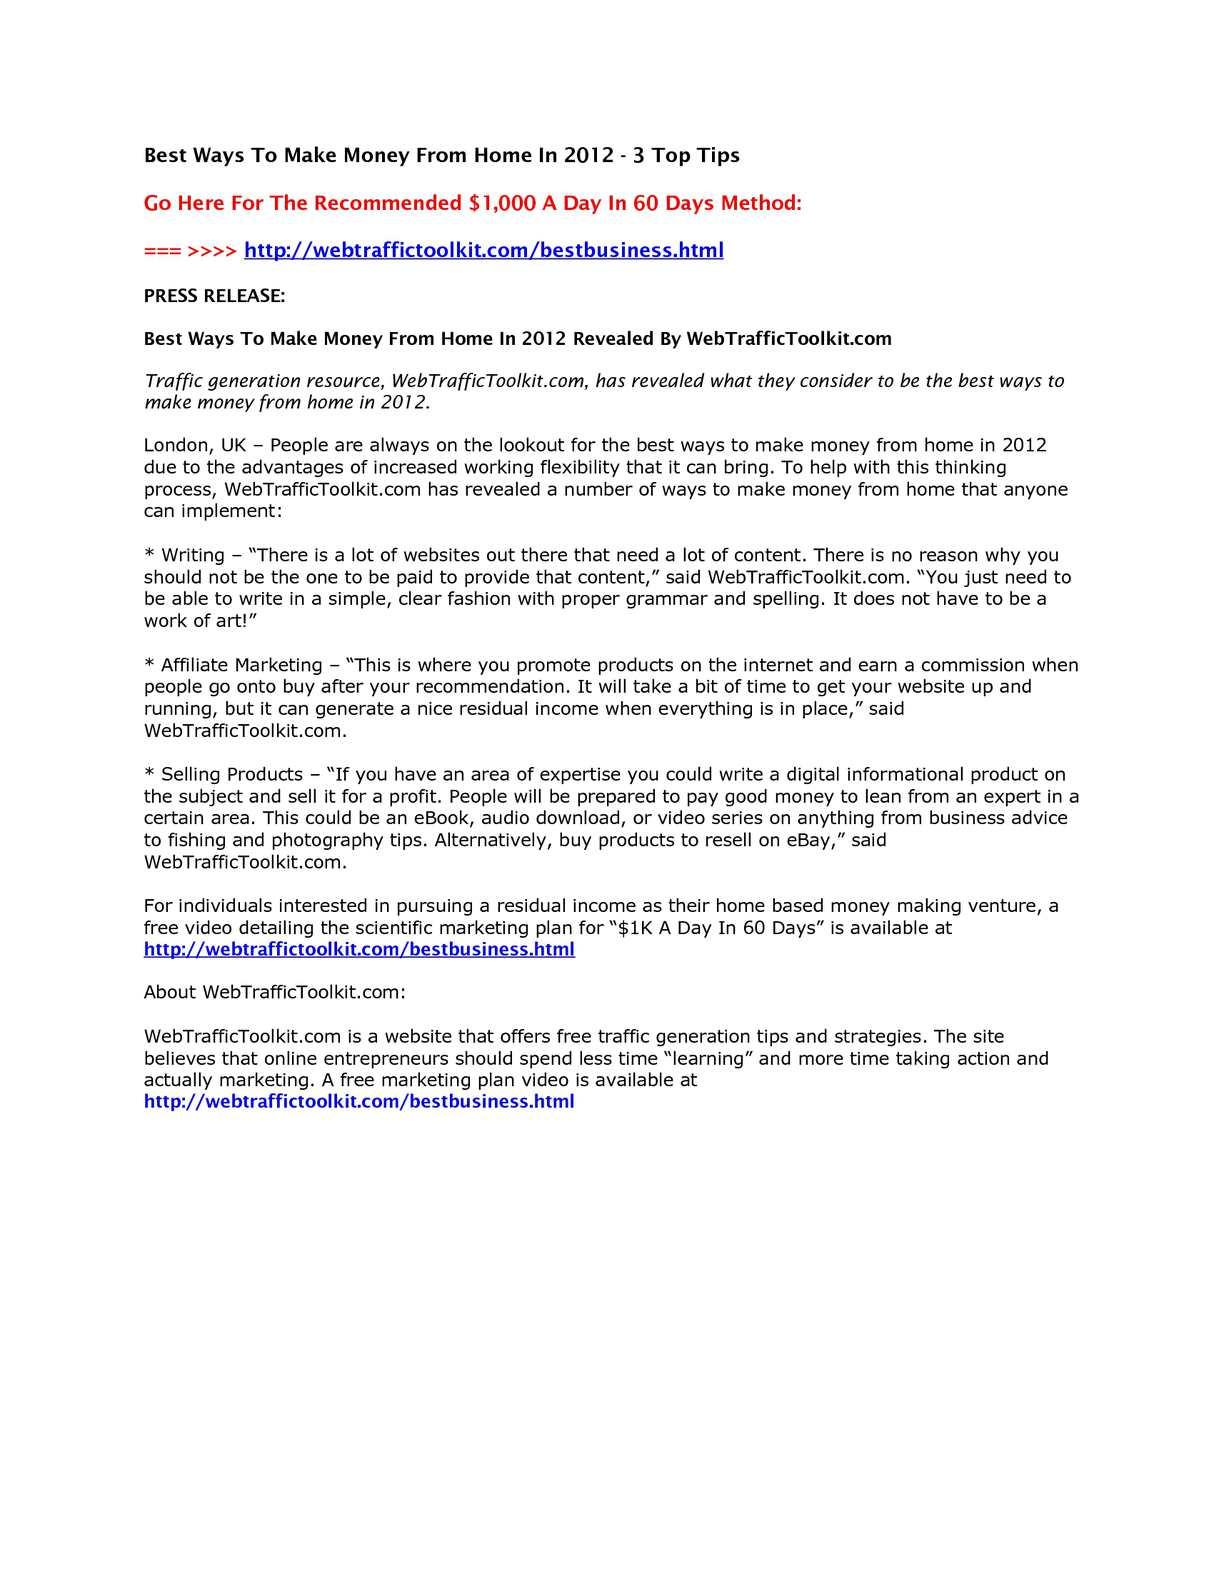 Best Ways To Make Money Online 2012 How To Make Money Online